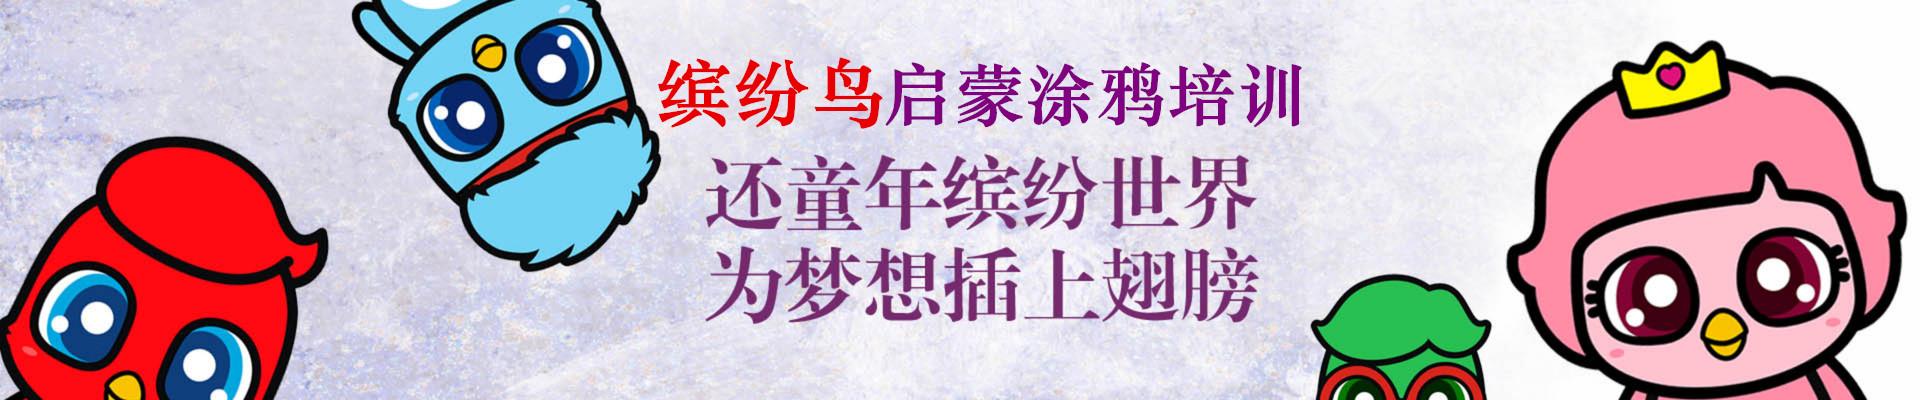 缤纷鸟美术教育衡阳祁东县校区